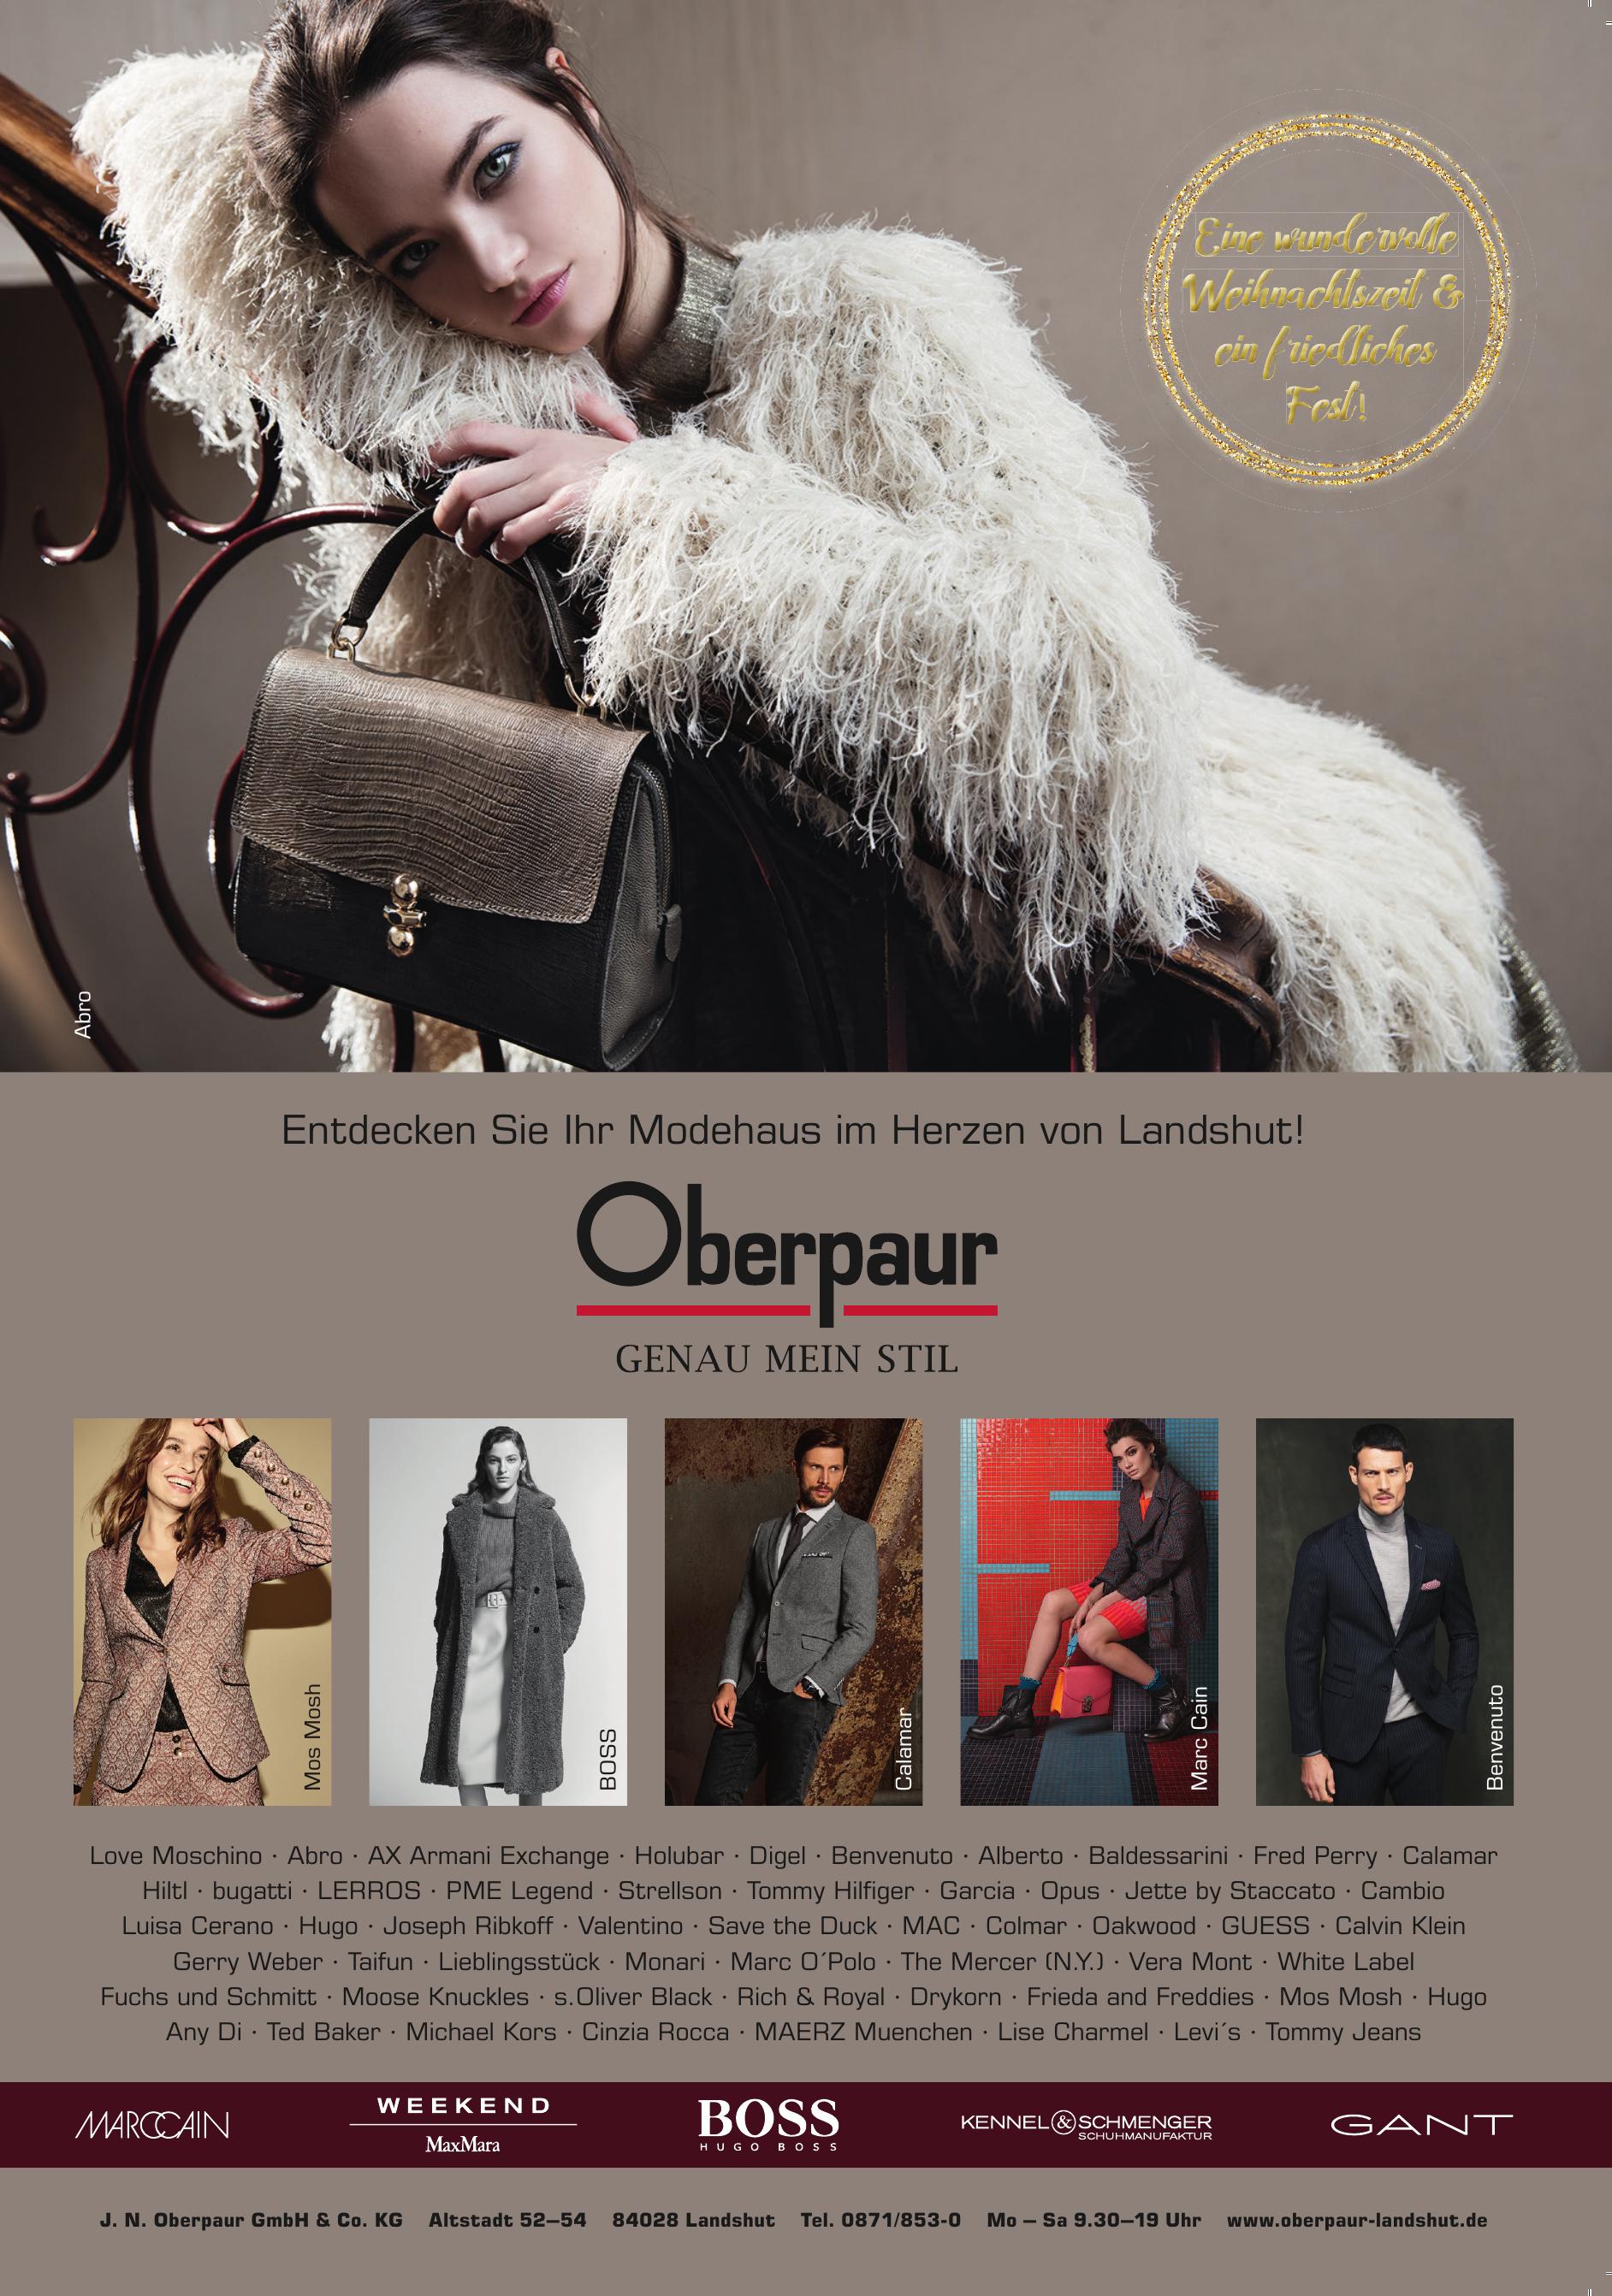 J. N. Oberpaur GmbH & Co. KG